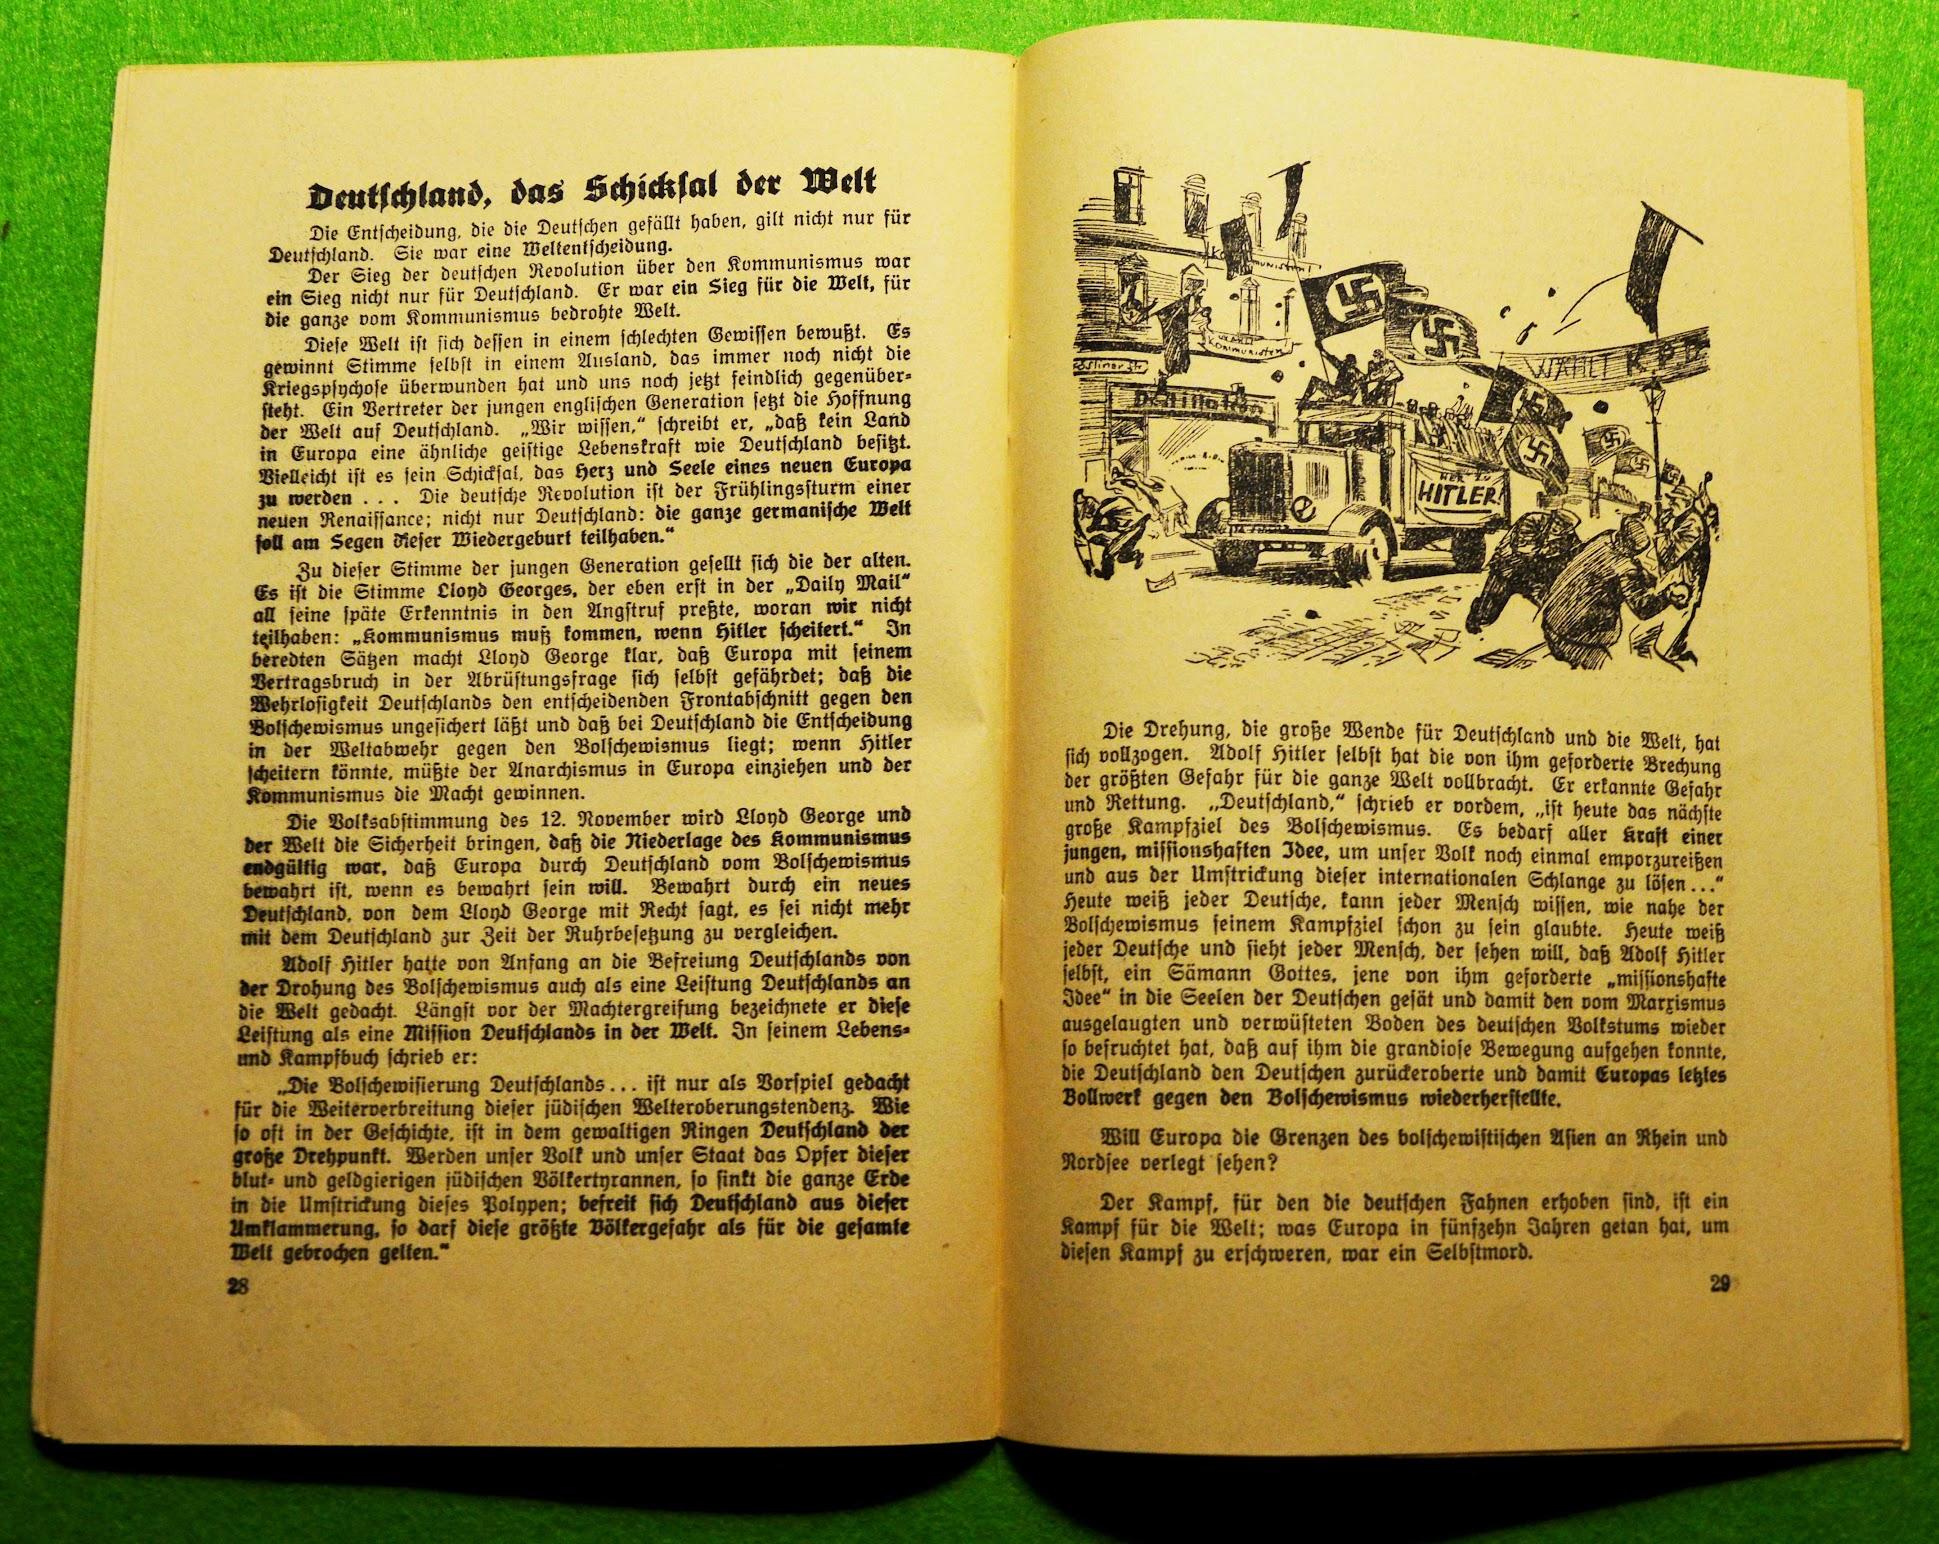 Gesamtverband deutscher antikommunistischer Vereinigungen e.V. - Ein Kampf um Deutschland - 1933